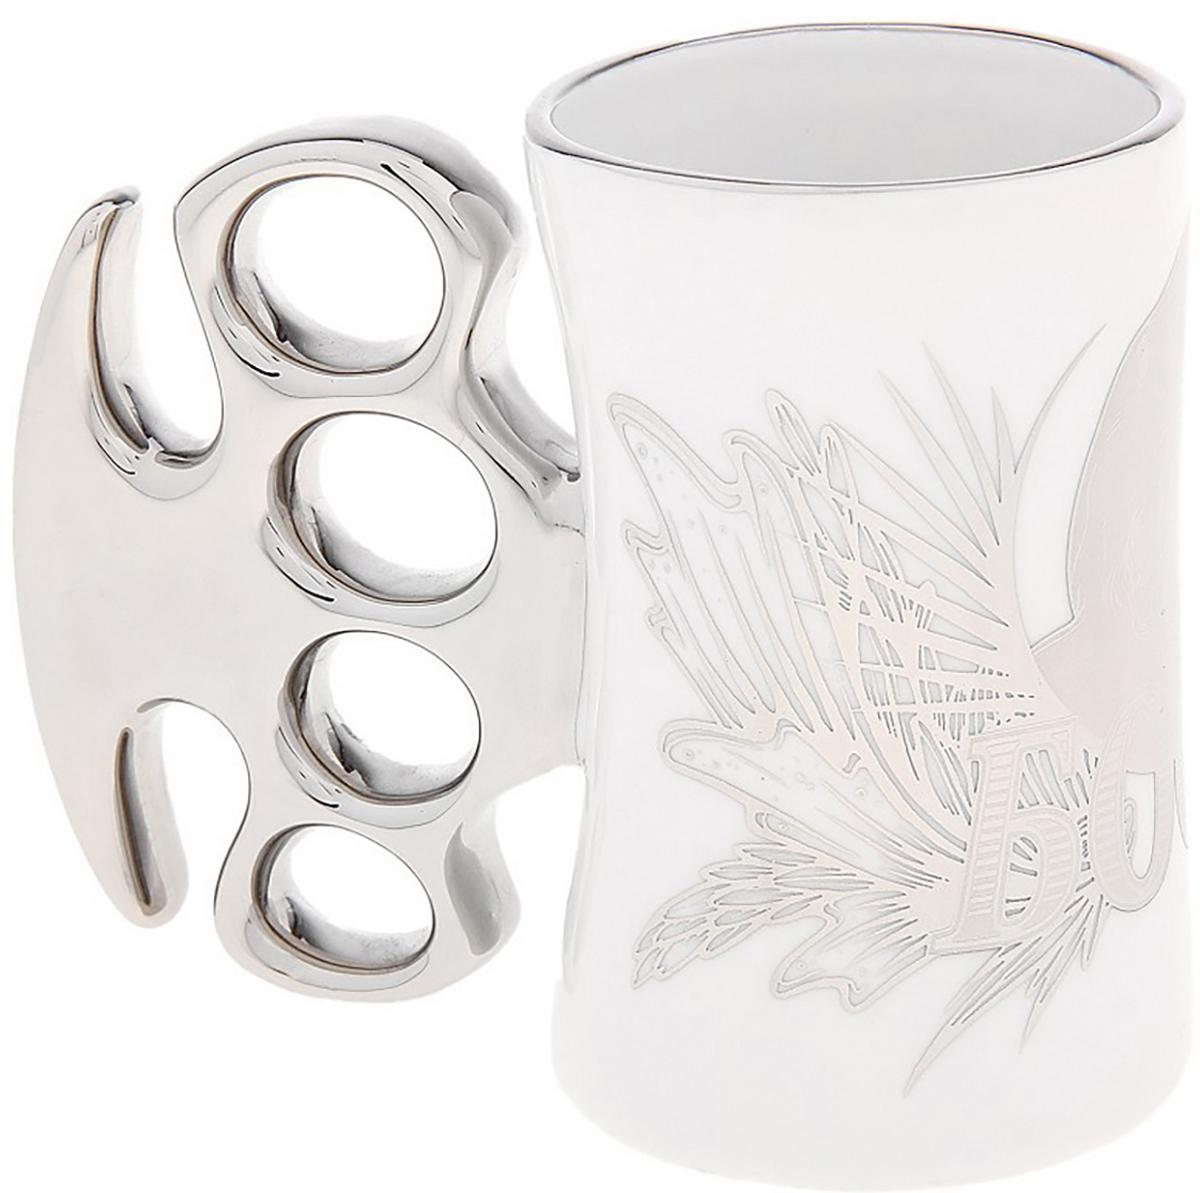 Кружка Sima-Land Босс, 200 мл. 521893521893Брутальный подарок для настоящих мужчин. Такая кружка как нельзя лучше подойдет для крепчайшего чая или кофе. Шутки кончились: она отправит сонливость, усталость и апатию в глубокий нокаут! Оригинальная кружка с ручкой в виде кастета наверняка будет оценена своим обладателем по достоинству.